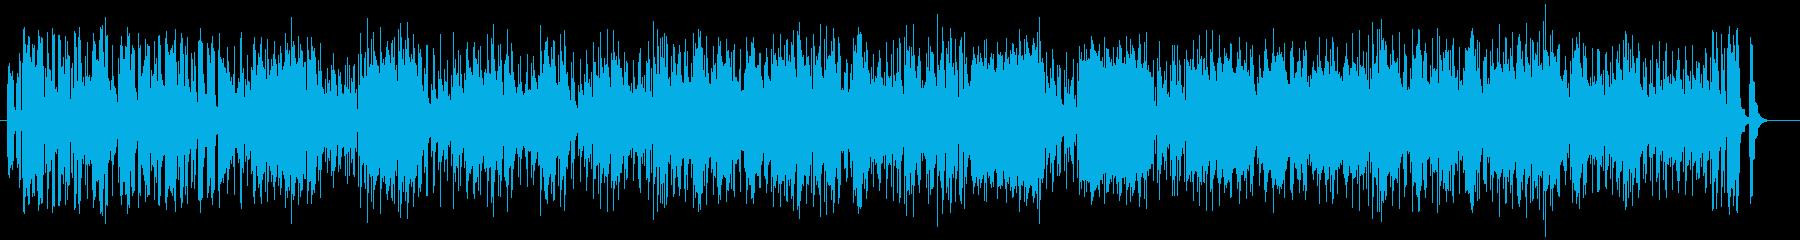 明るく楽しいメローなポップサウンドの再生済みの波形